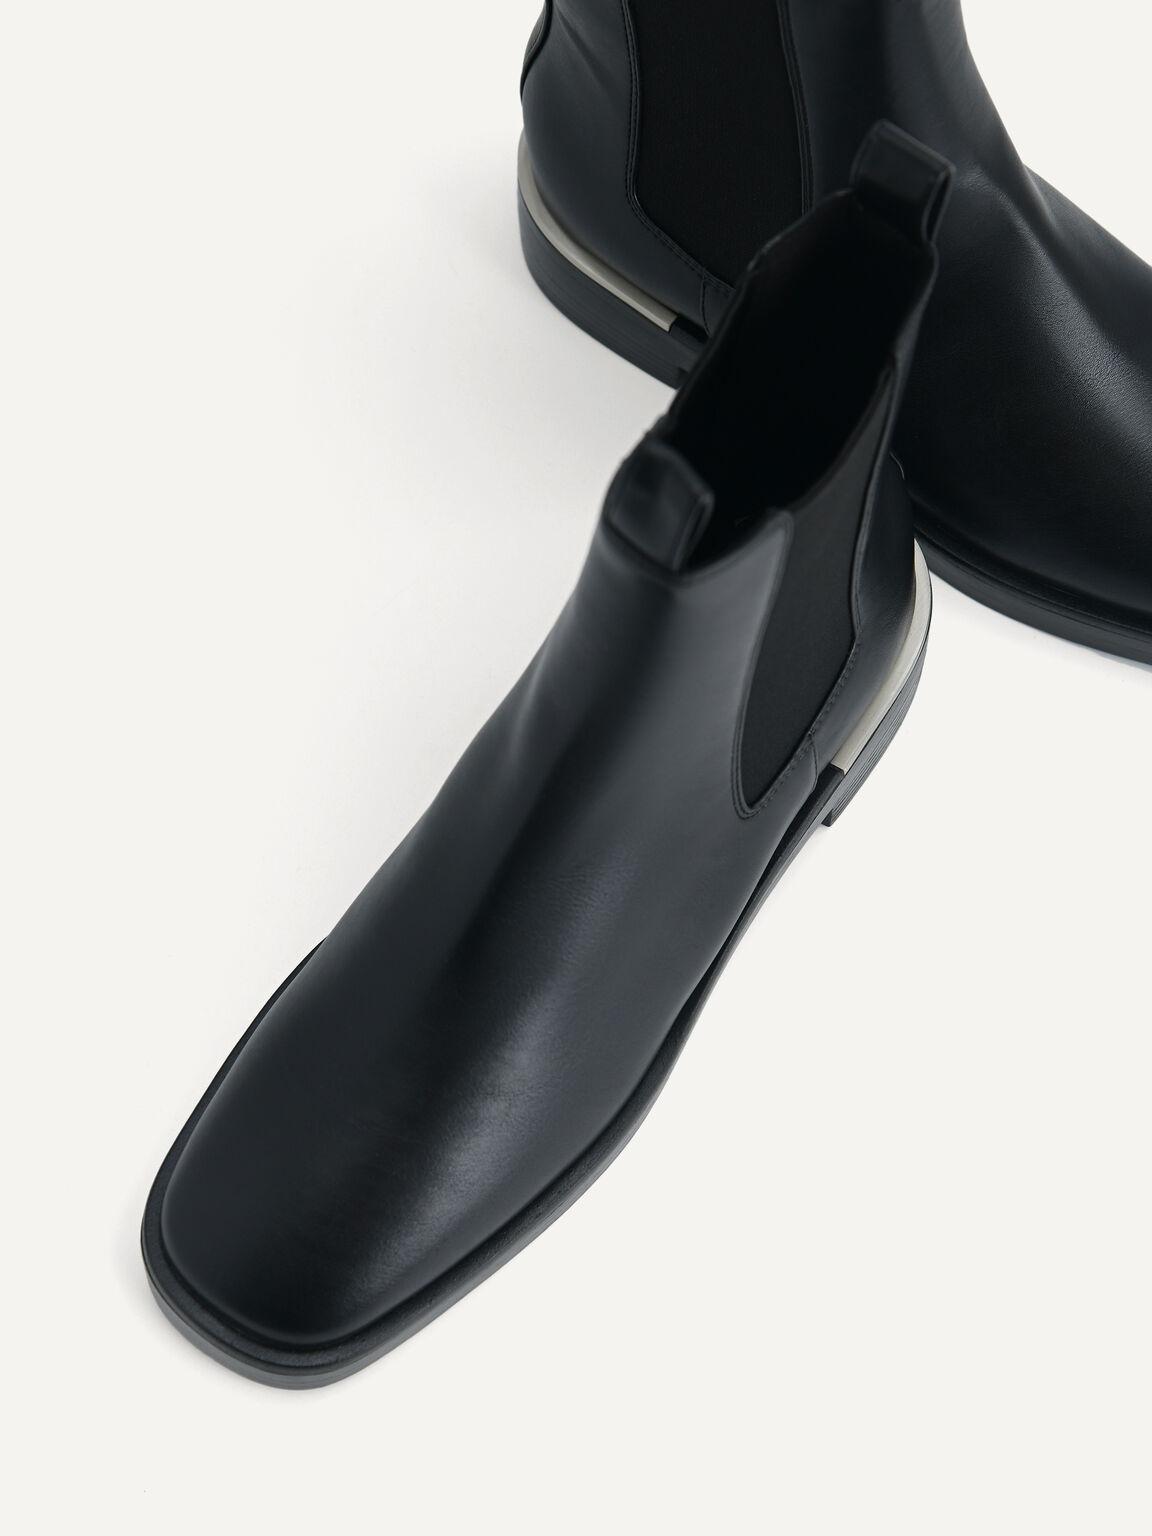 Chelsea Boots, Black, hi-res